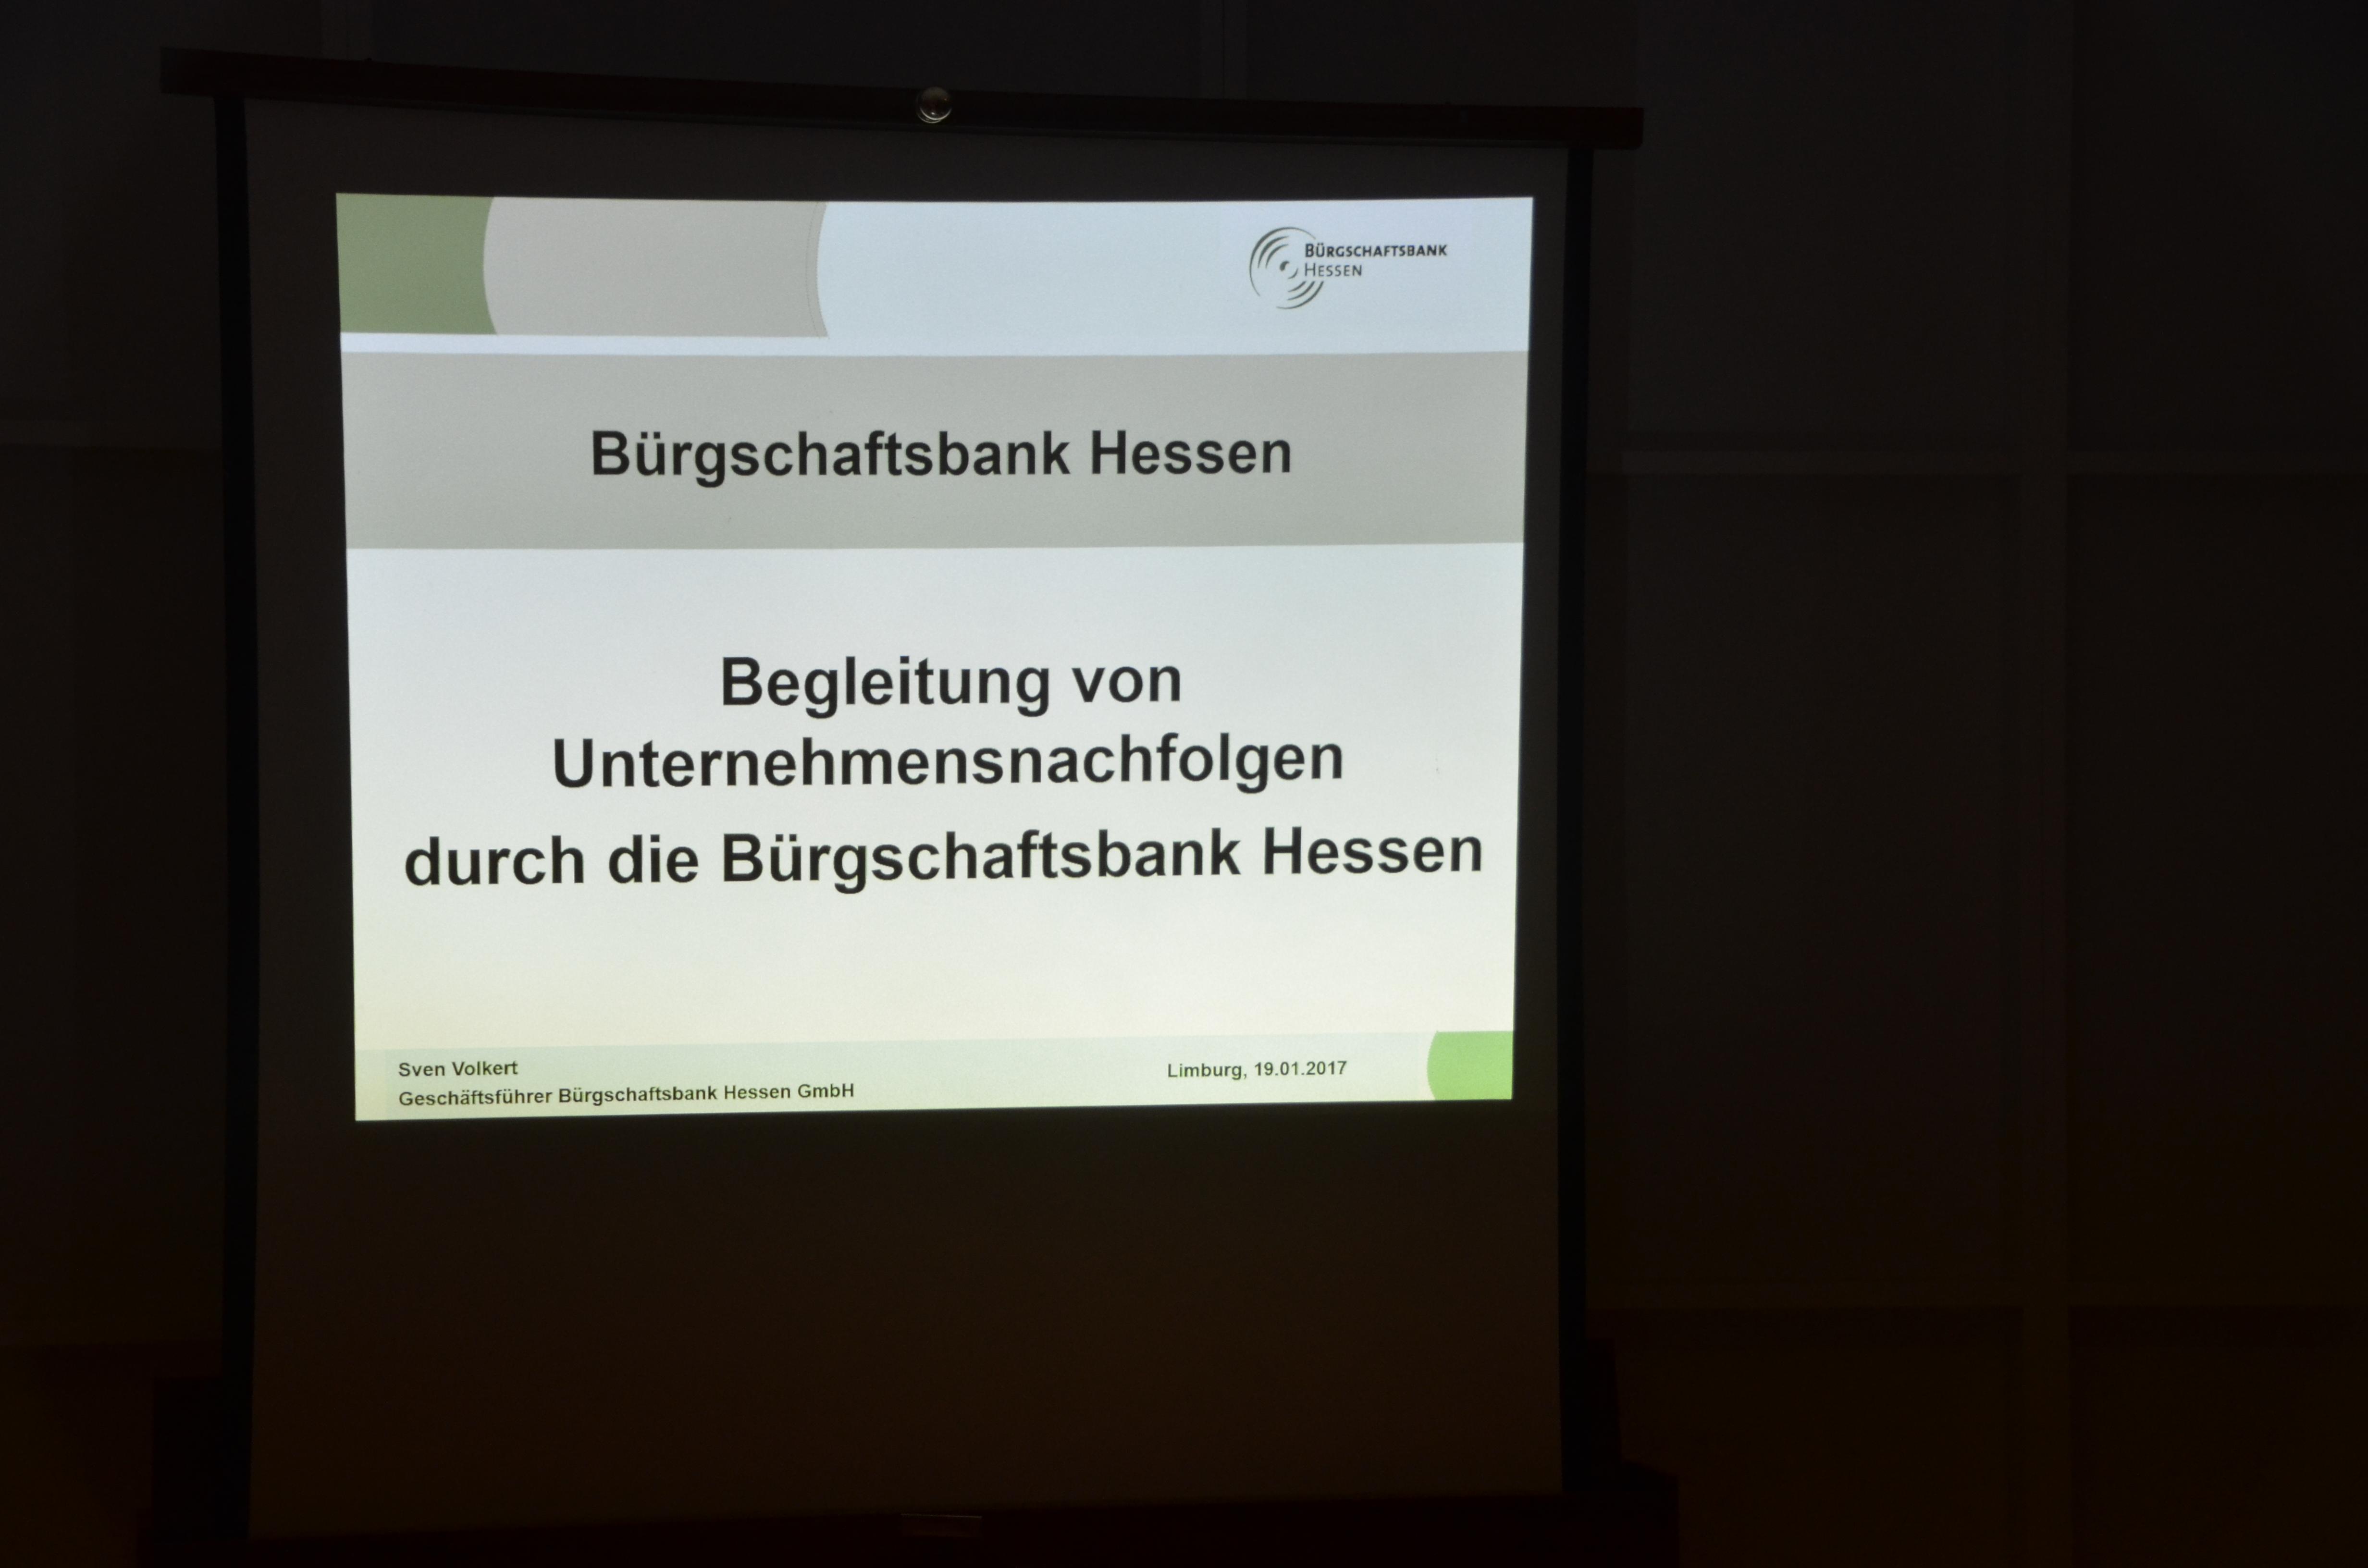 19.01.2017 Vortrag Unternehmensnachfolge – Generationenwechsel